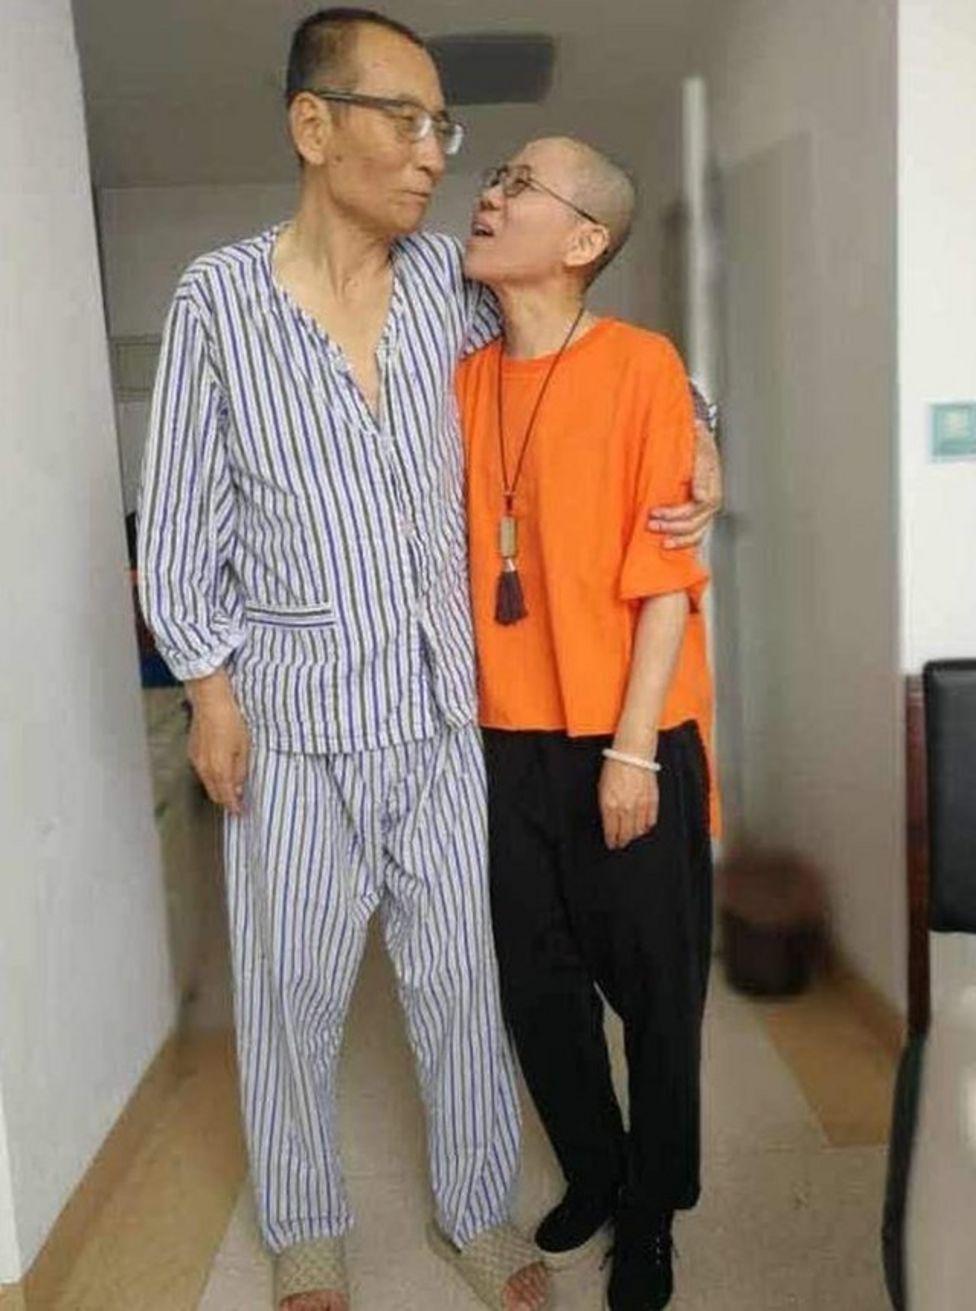 Liu Xiaobo and Liu Xia, he in pyjamas and she in outdoor clothes